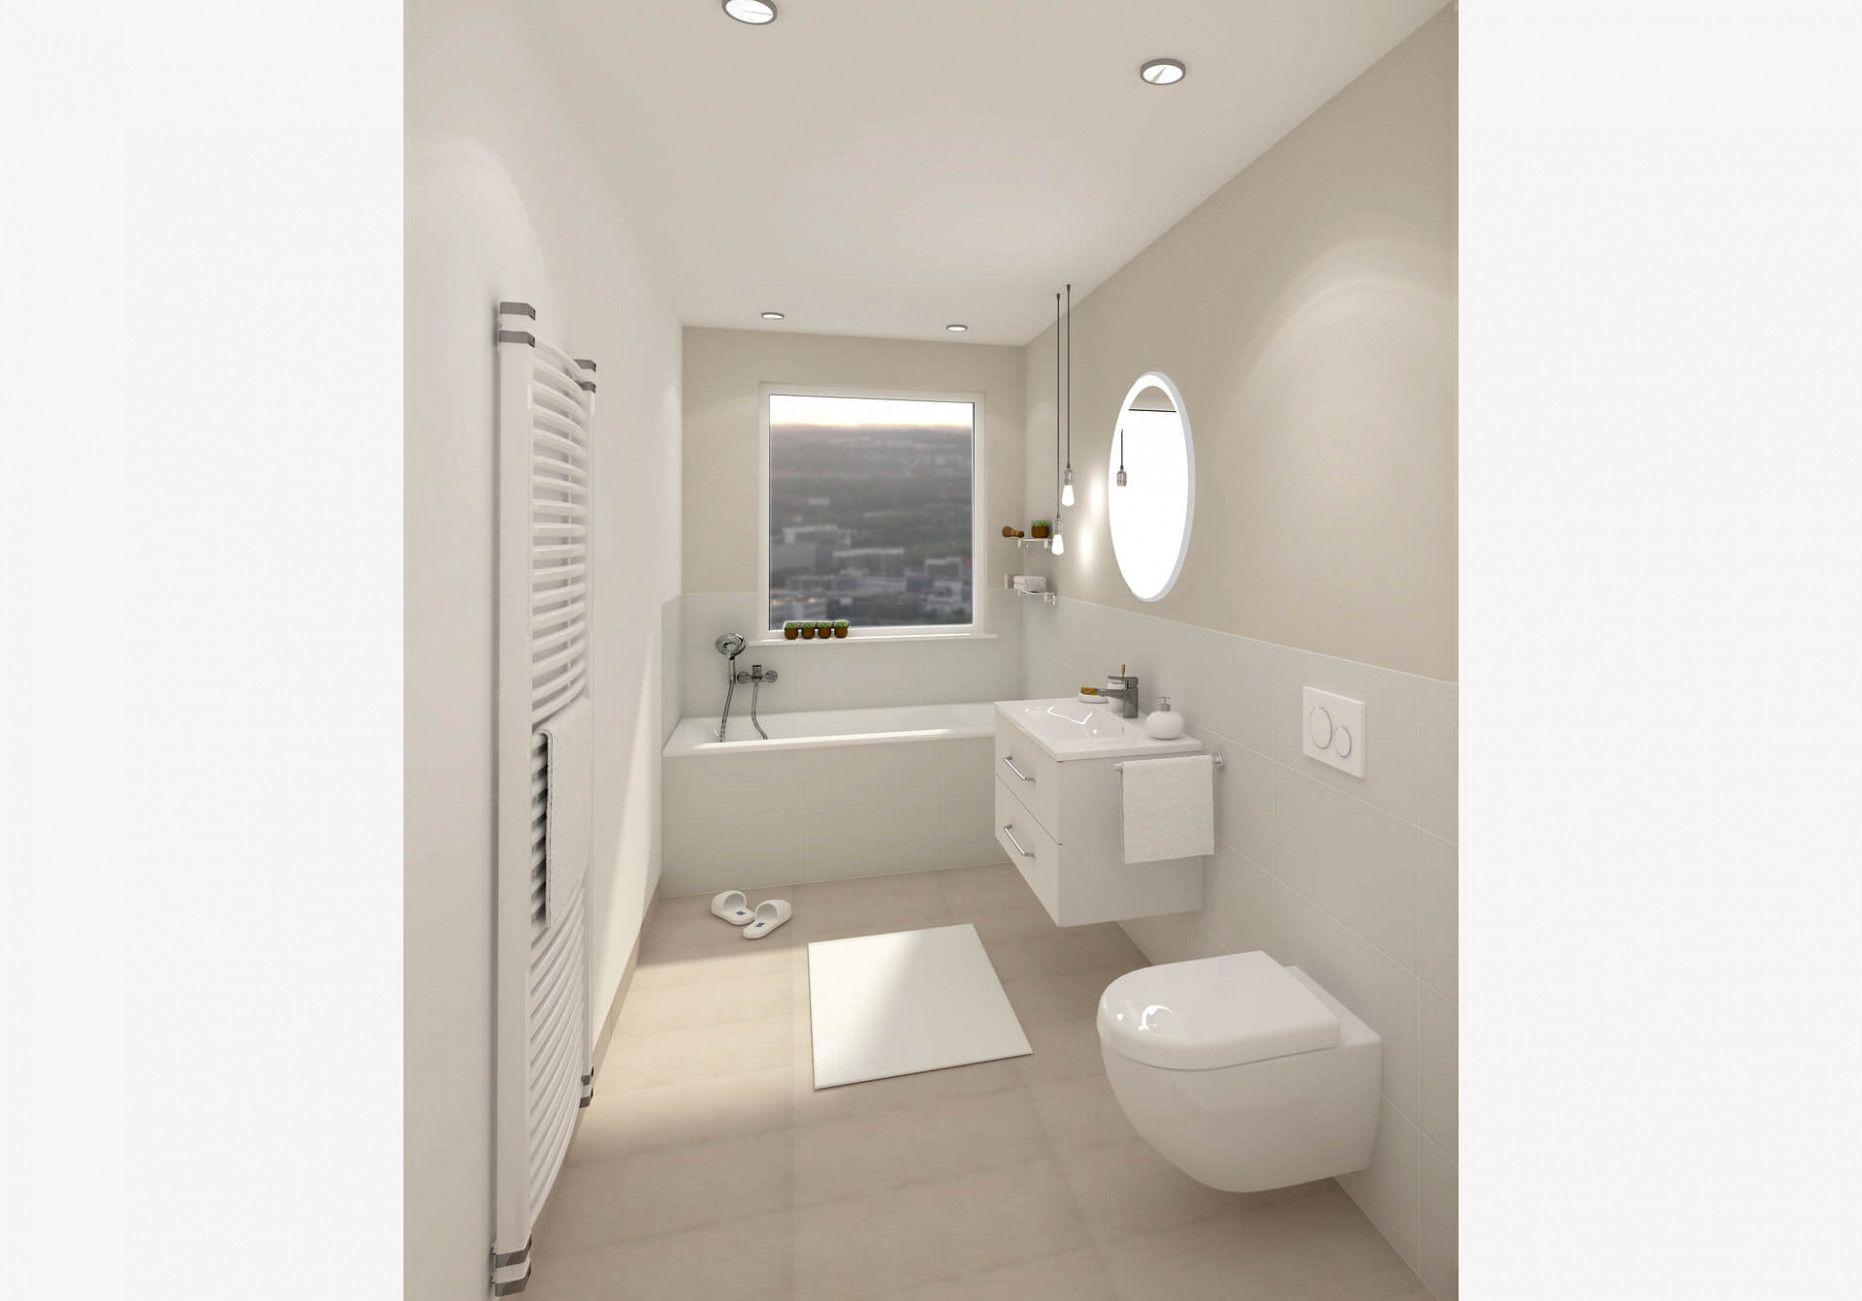 15 Rechts Ideen 6 Qm In 2020 Helle Badezimmer Badezimmer Landhaus Badezimmer Gestalten